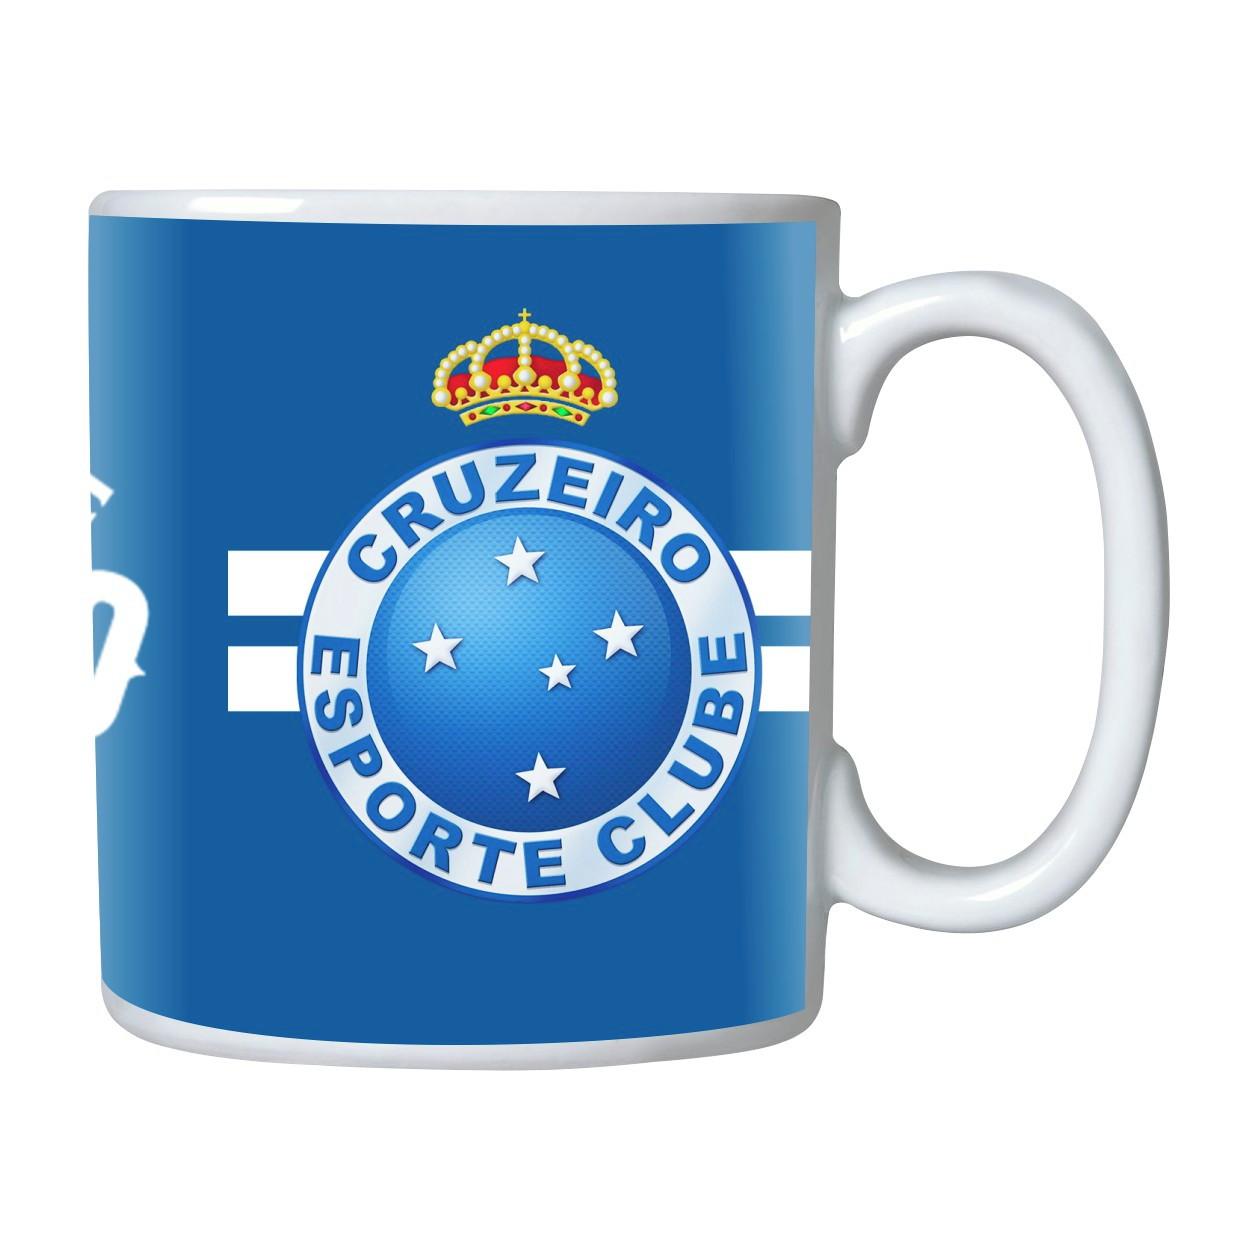 513b50cef4ec3 Caneca Time de Futebol do Cruzeiro Esporte Clube